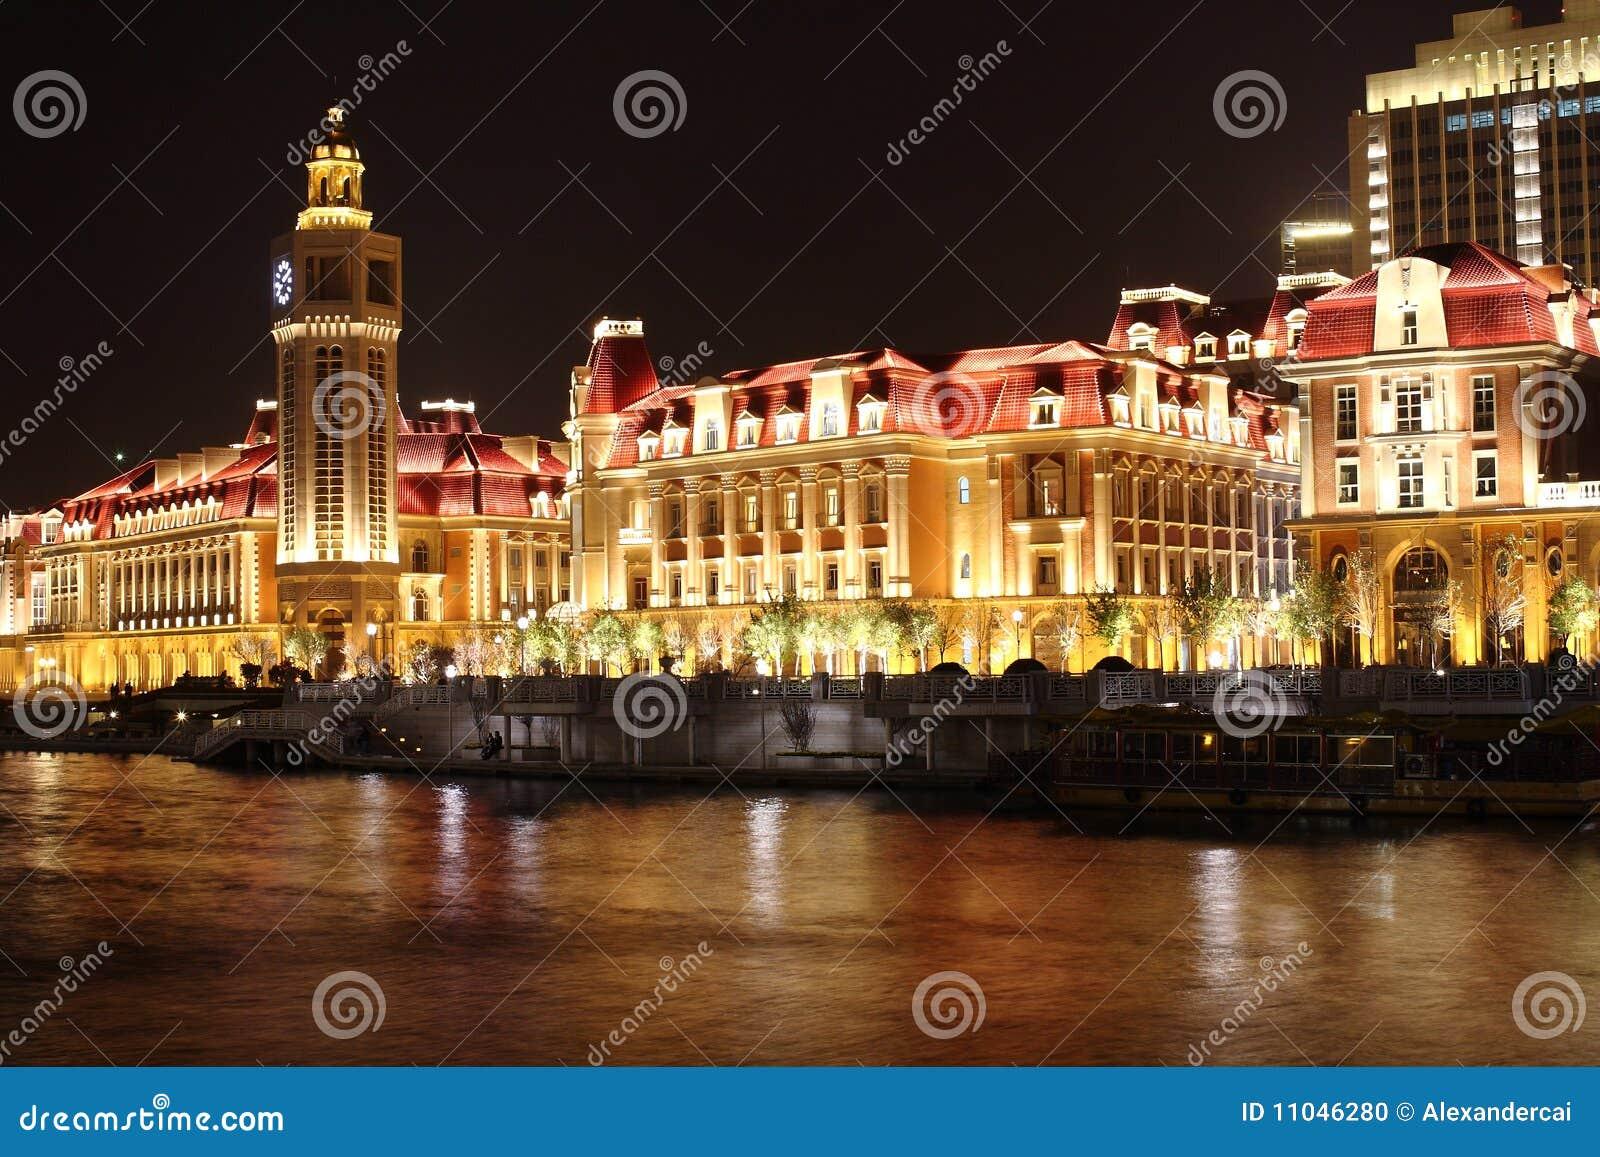 The beautiful nightscape in Tianjin